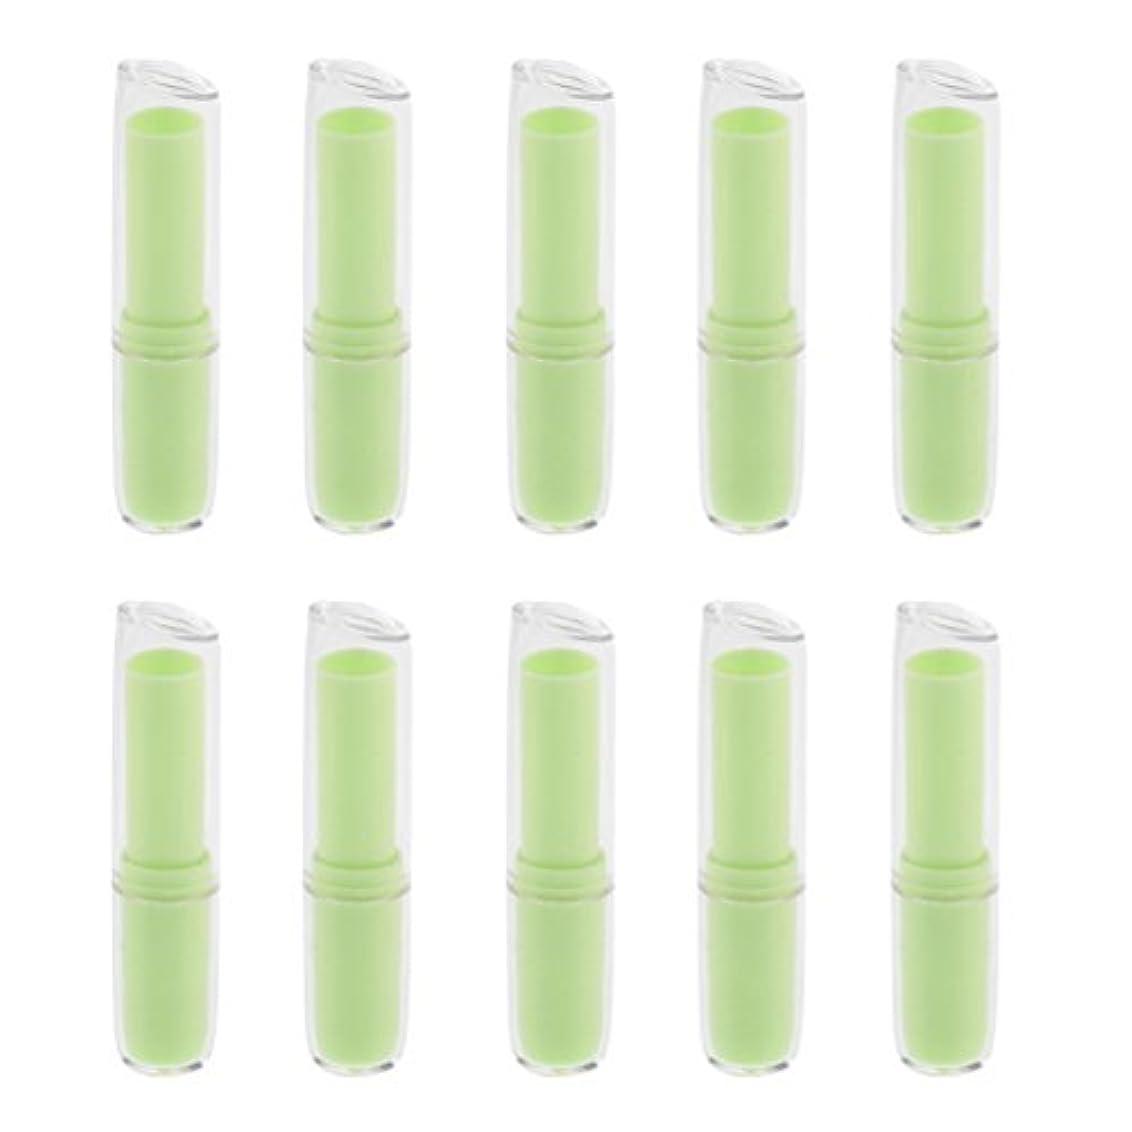 美しい否定するポルティコInjoyo 口紅チューブ リップクリーム容器 口紅容器 リップスティック コンテナ プラスチック材質 約10個 全6色 - 緑